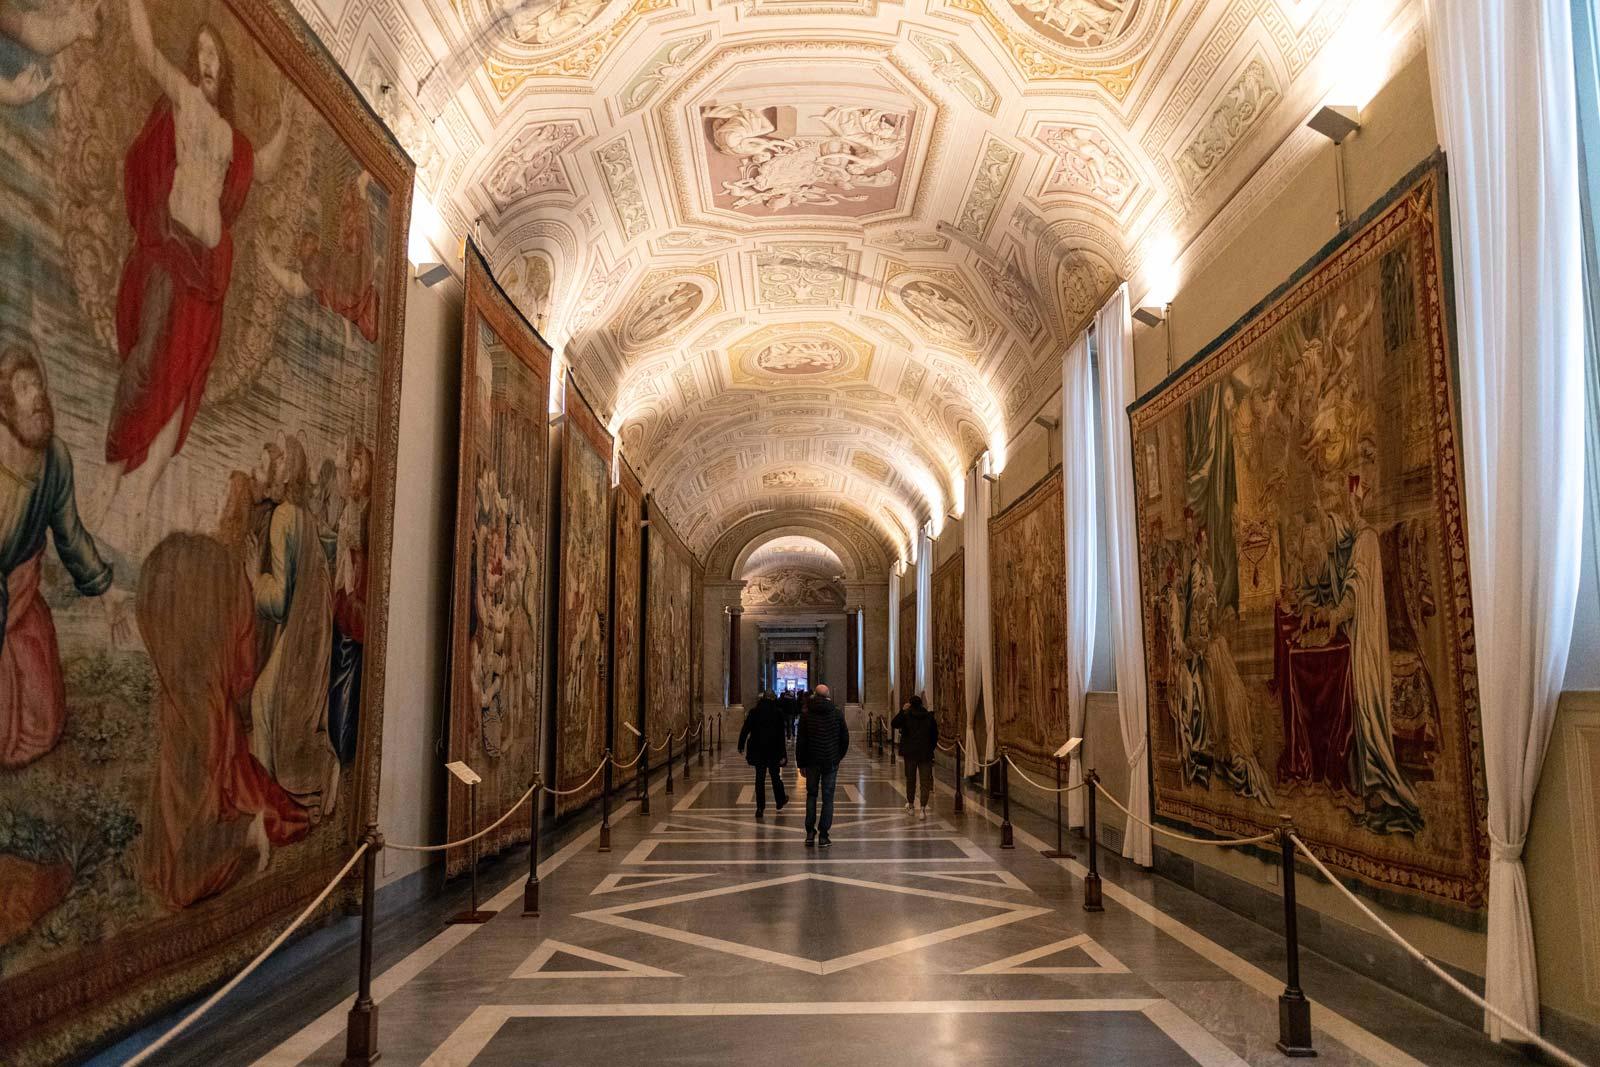 Admirez la célèbre Galerie des Cartes d'Italie et la Galerie des Tapisseries, une riche collection de tapisseries réalisées en 1838.